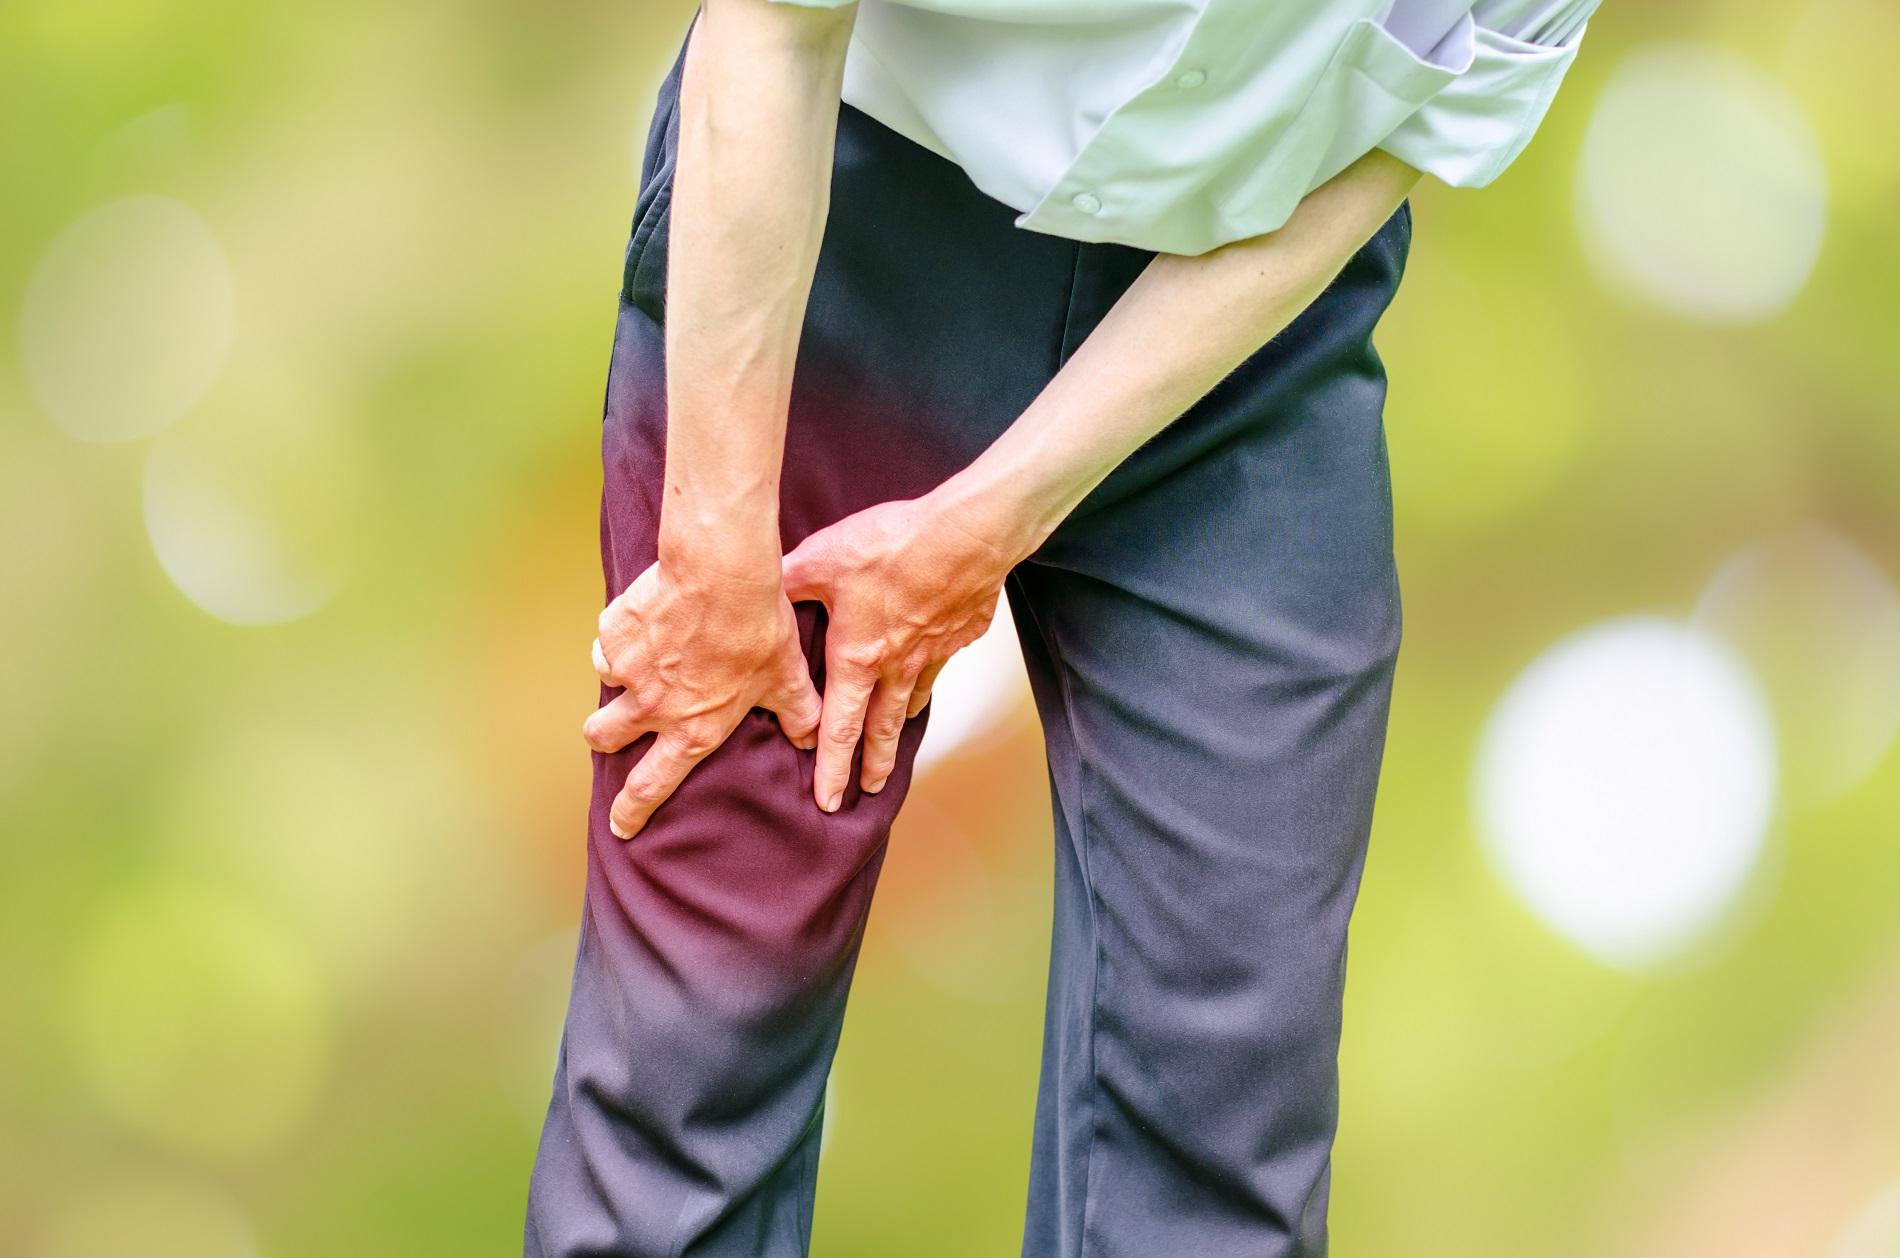 Mi a térdfájdalom leggyakoribb oka? - Dr. Zátrok Zsolt blog